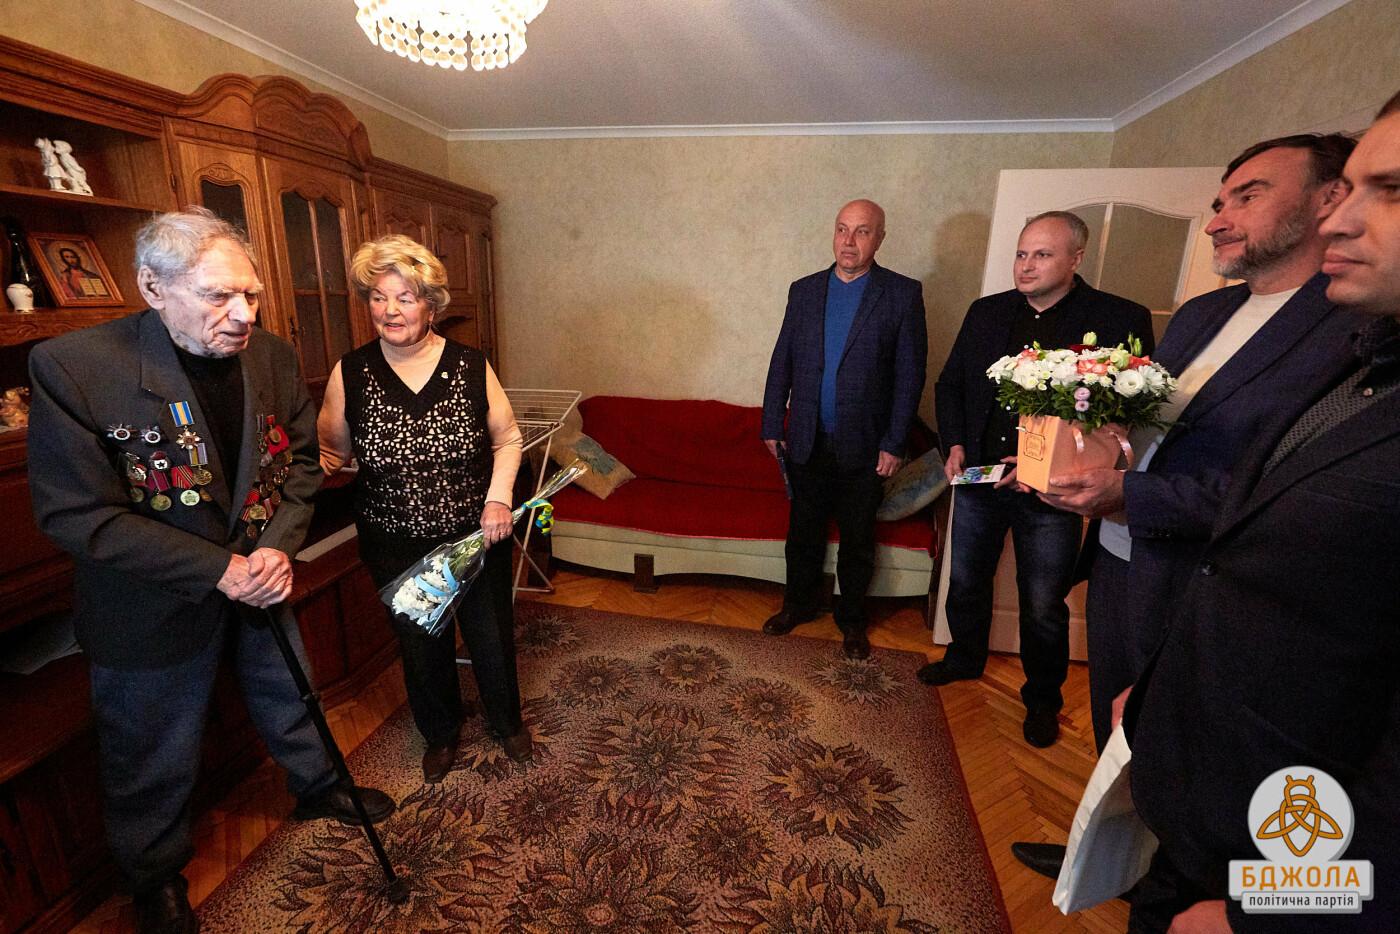 Партия «Бджола» поздравила ветеранов Каменского с 76-й годовщиной освобождения города, фото-5